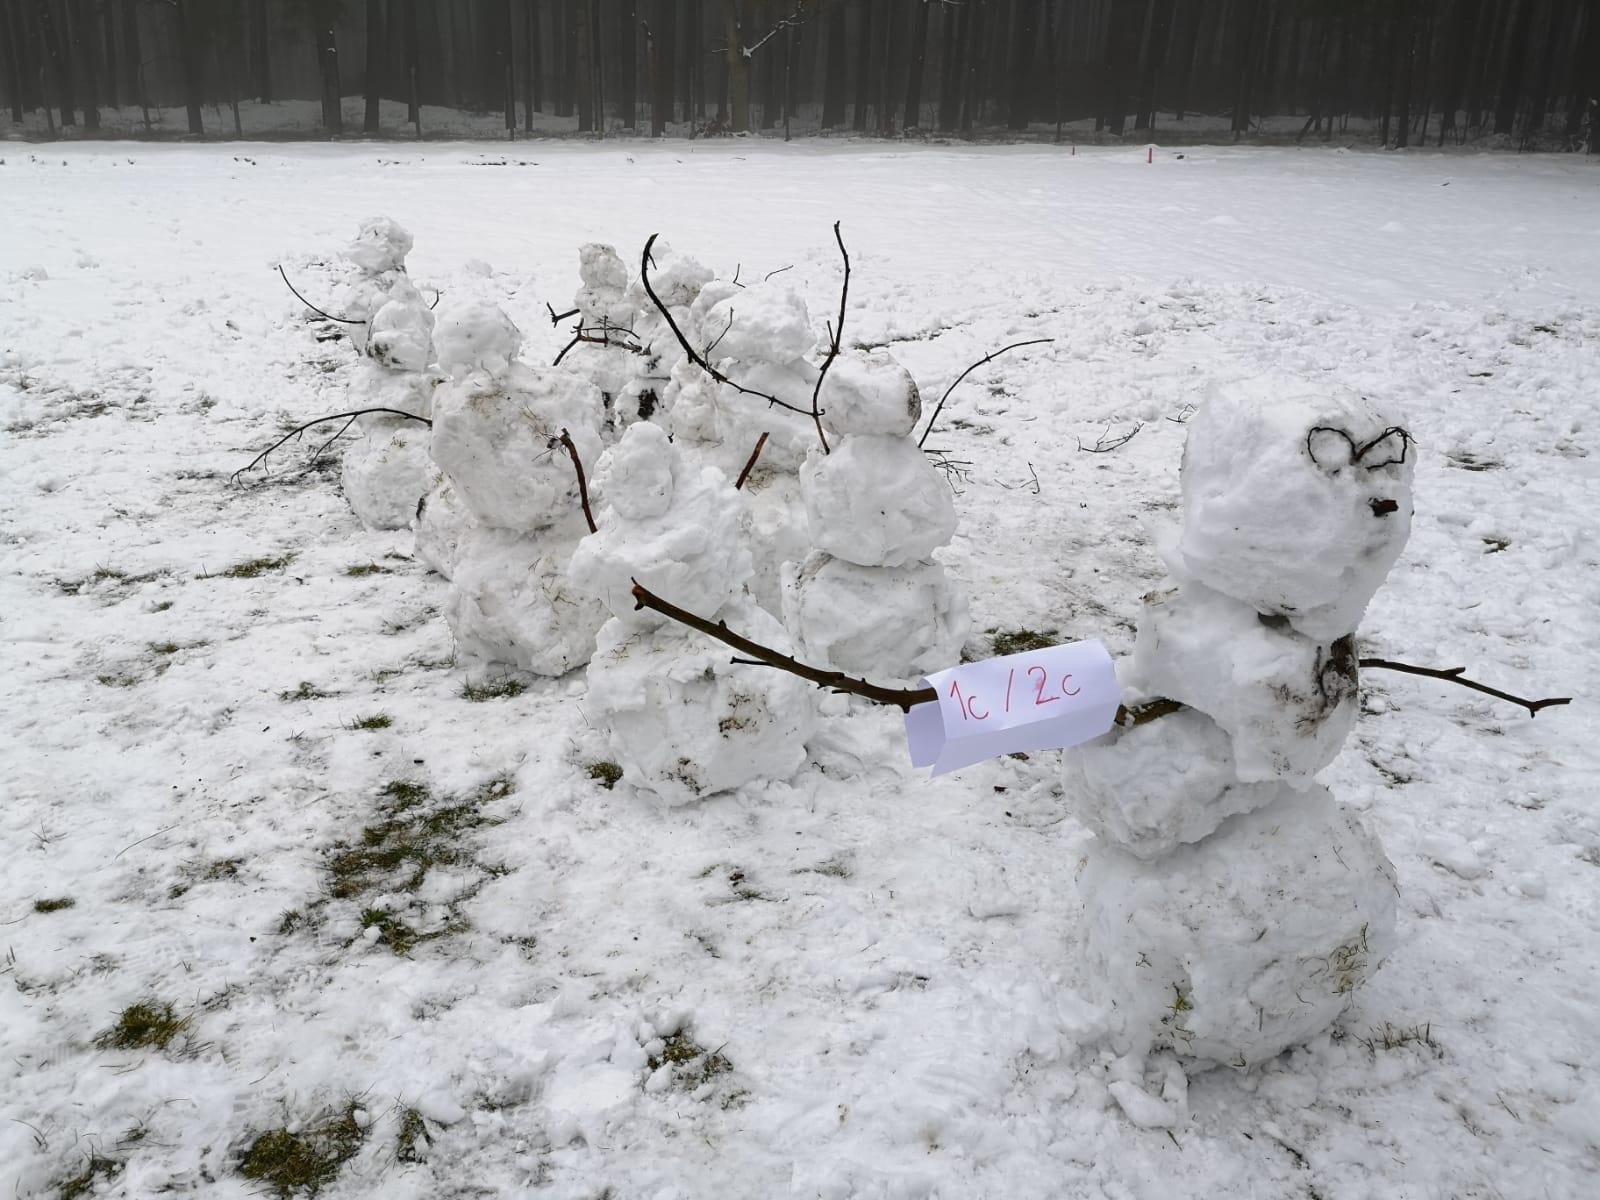 Schneefiguren_1c 2c